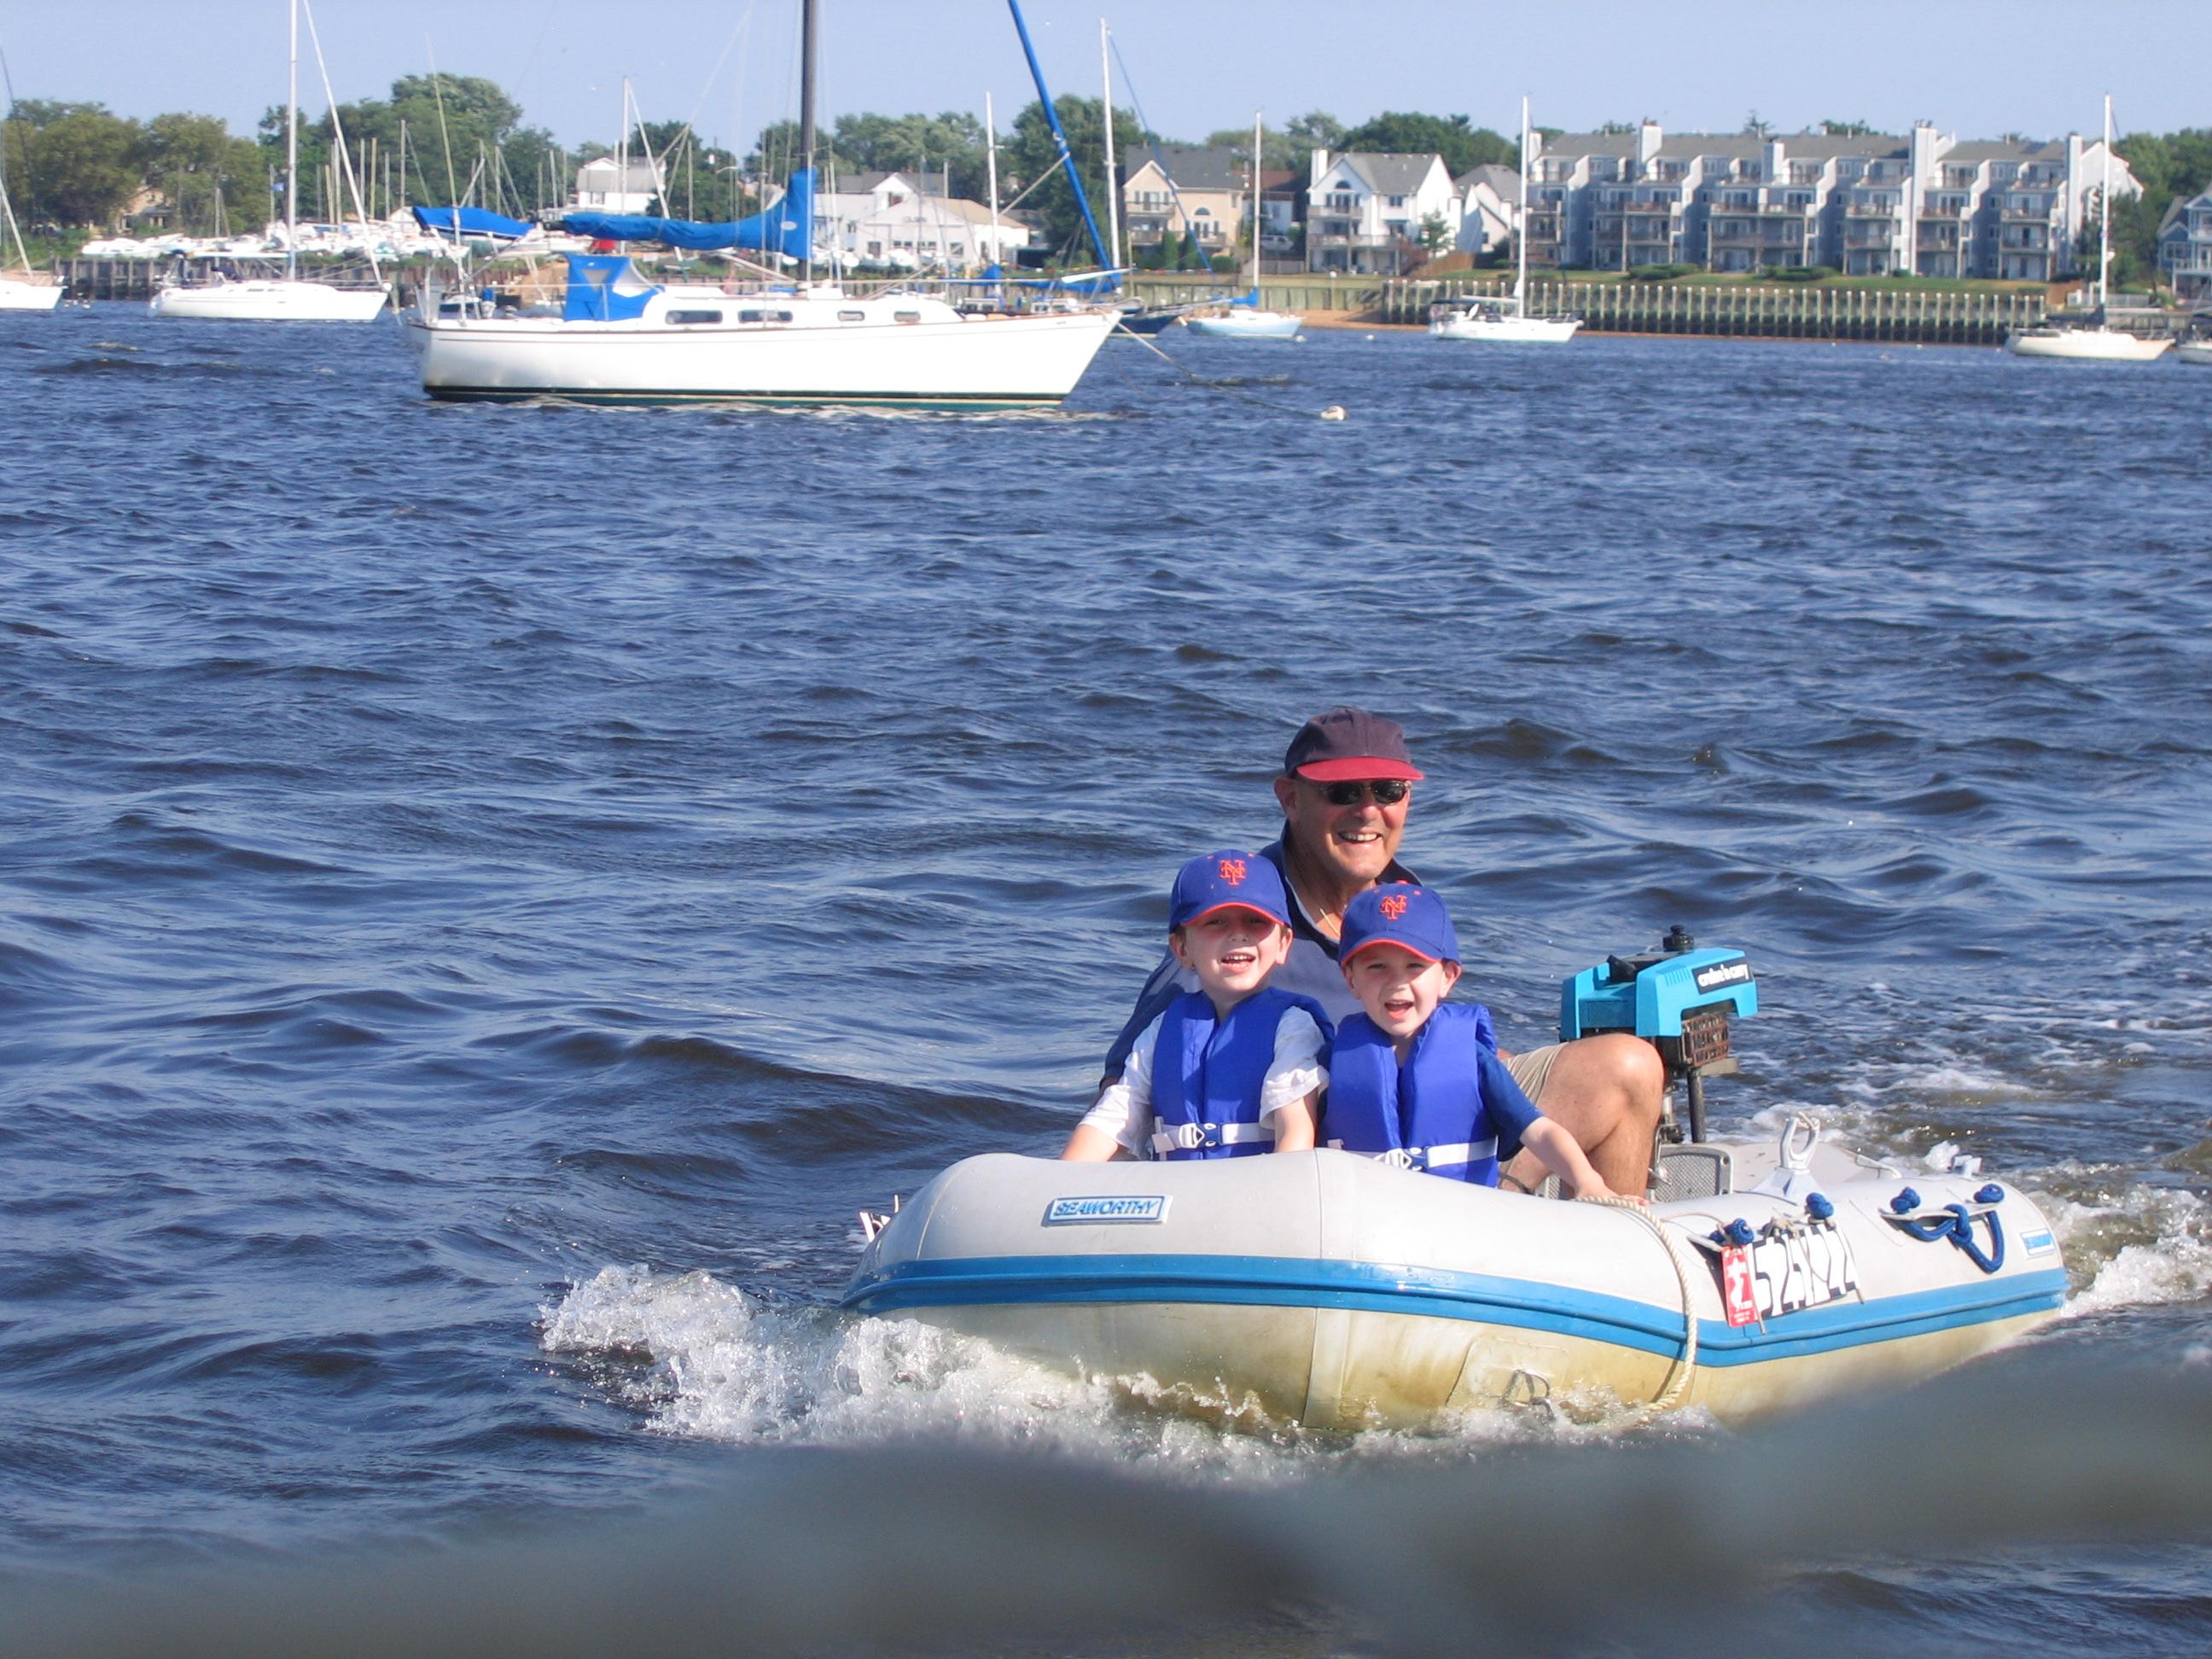 Charlie Ezra and Zeke in the Windbairn Dinghy